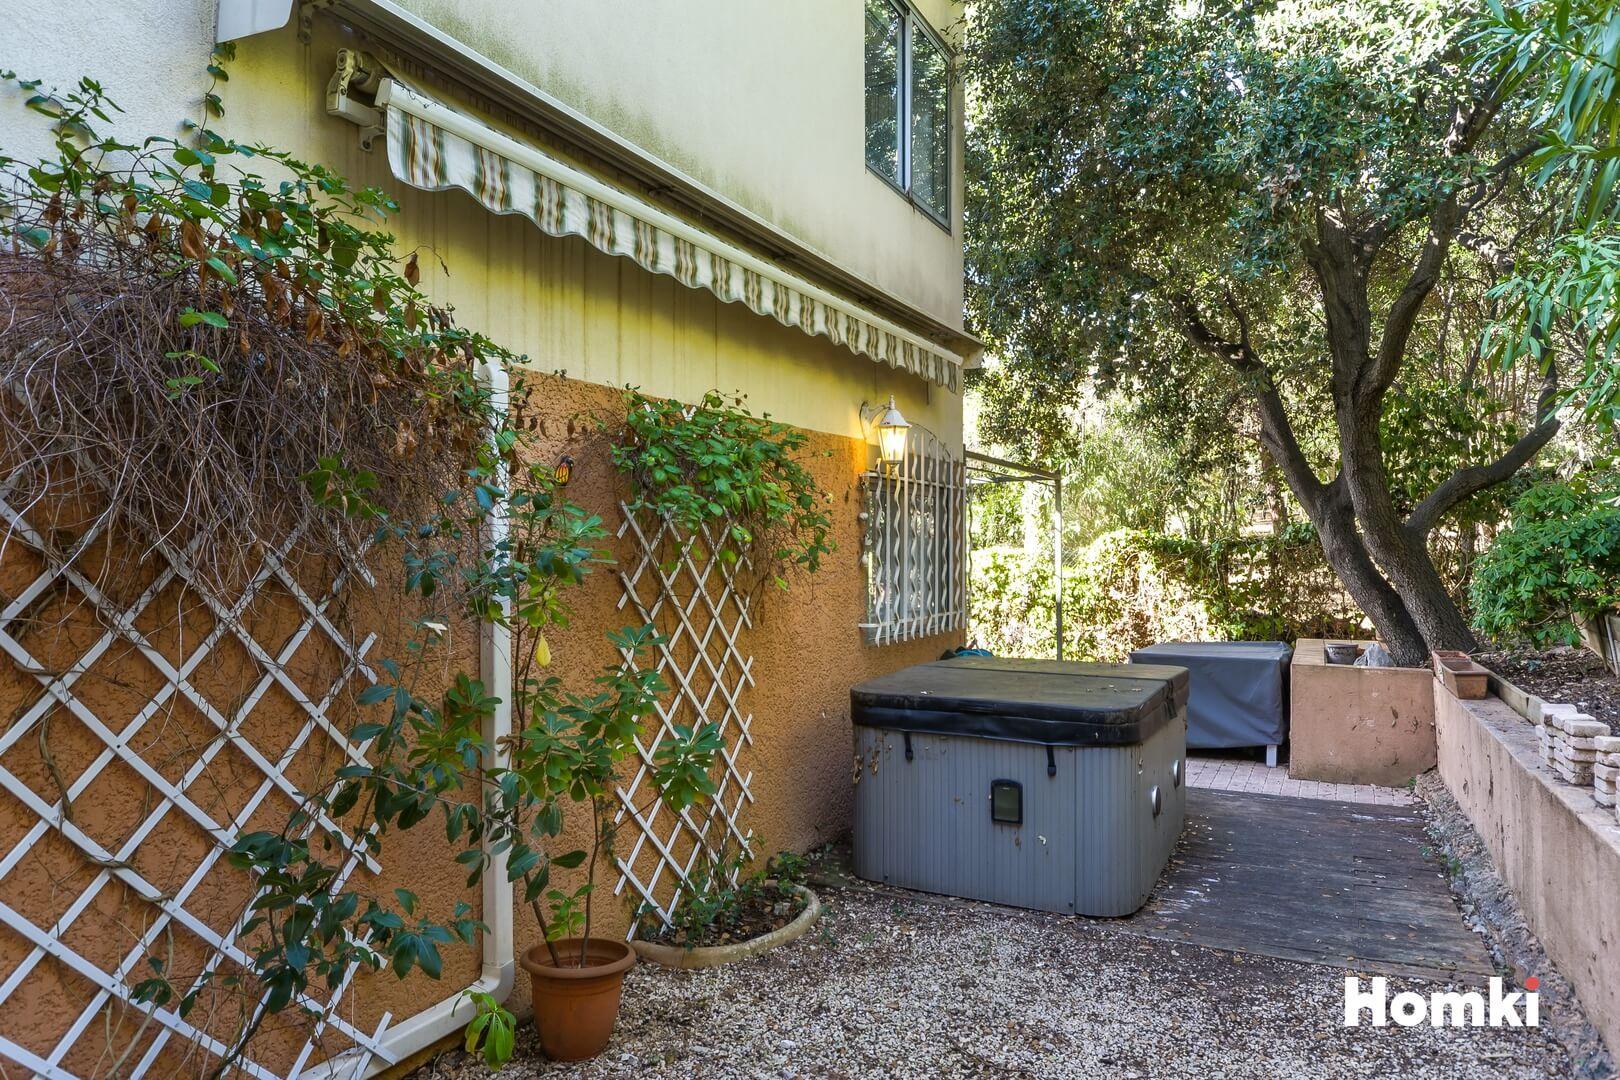 Homki - Vente Appartement  de 20.0 m² à Sausset-les-Pins 13960